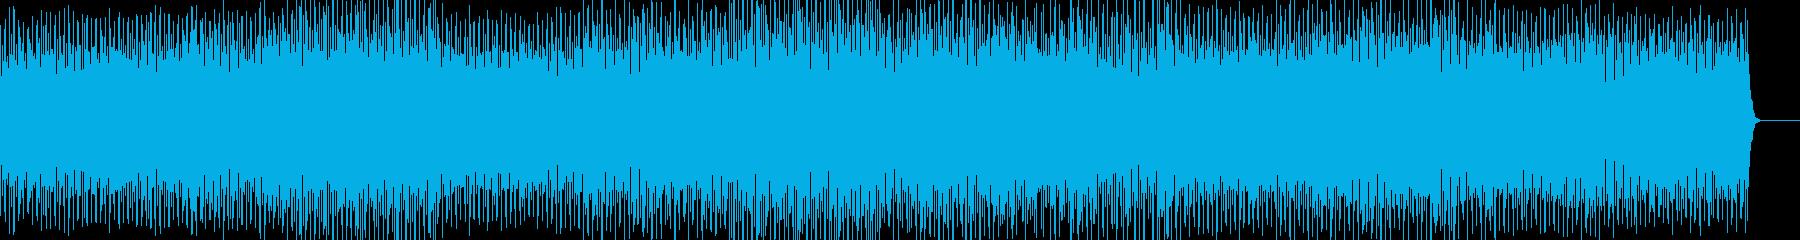 キラキラで優しい雰囲気のトランスの再生済みの波形